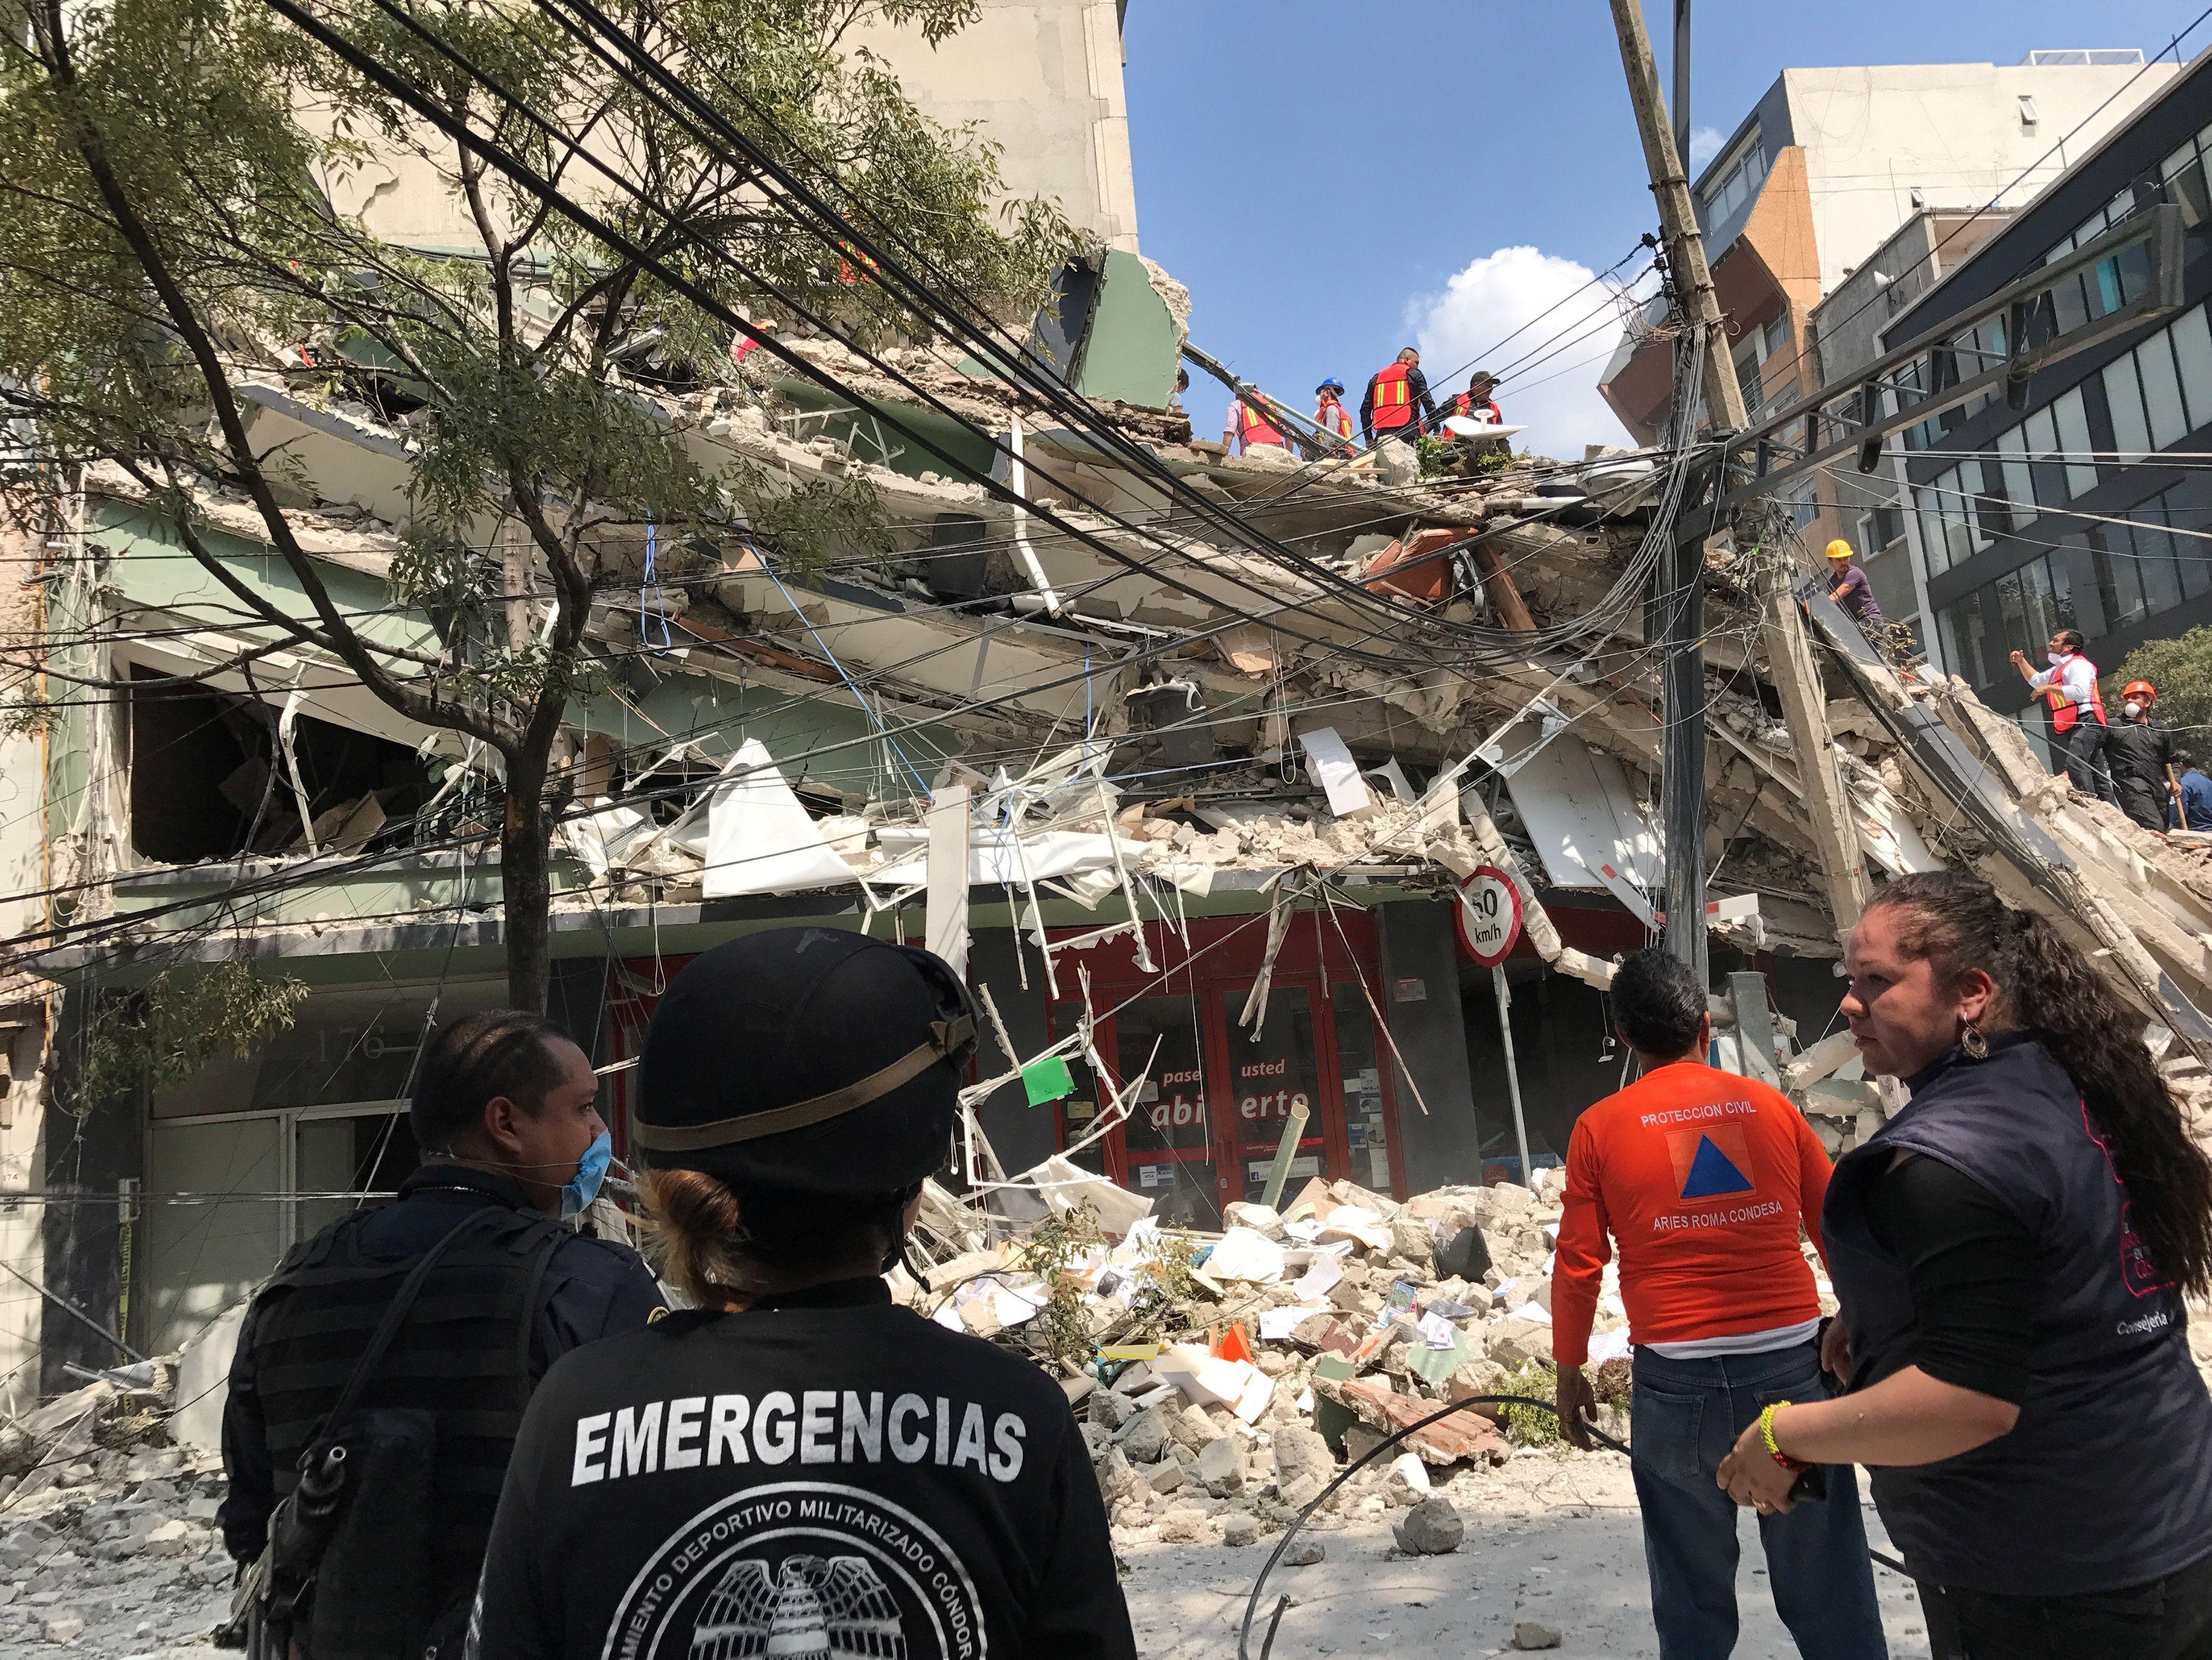 Последствия землетрясения в Мексике, иллюстрация